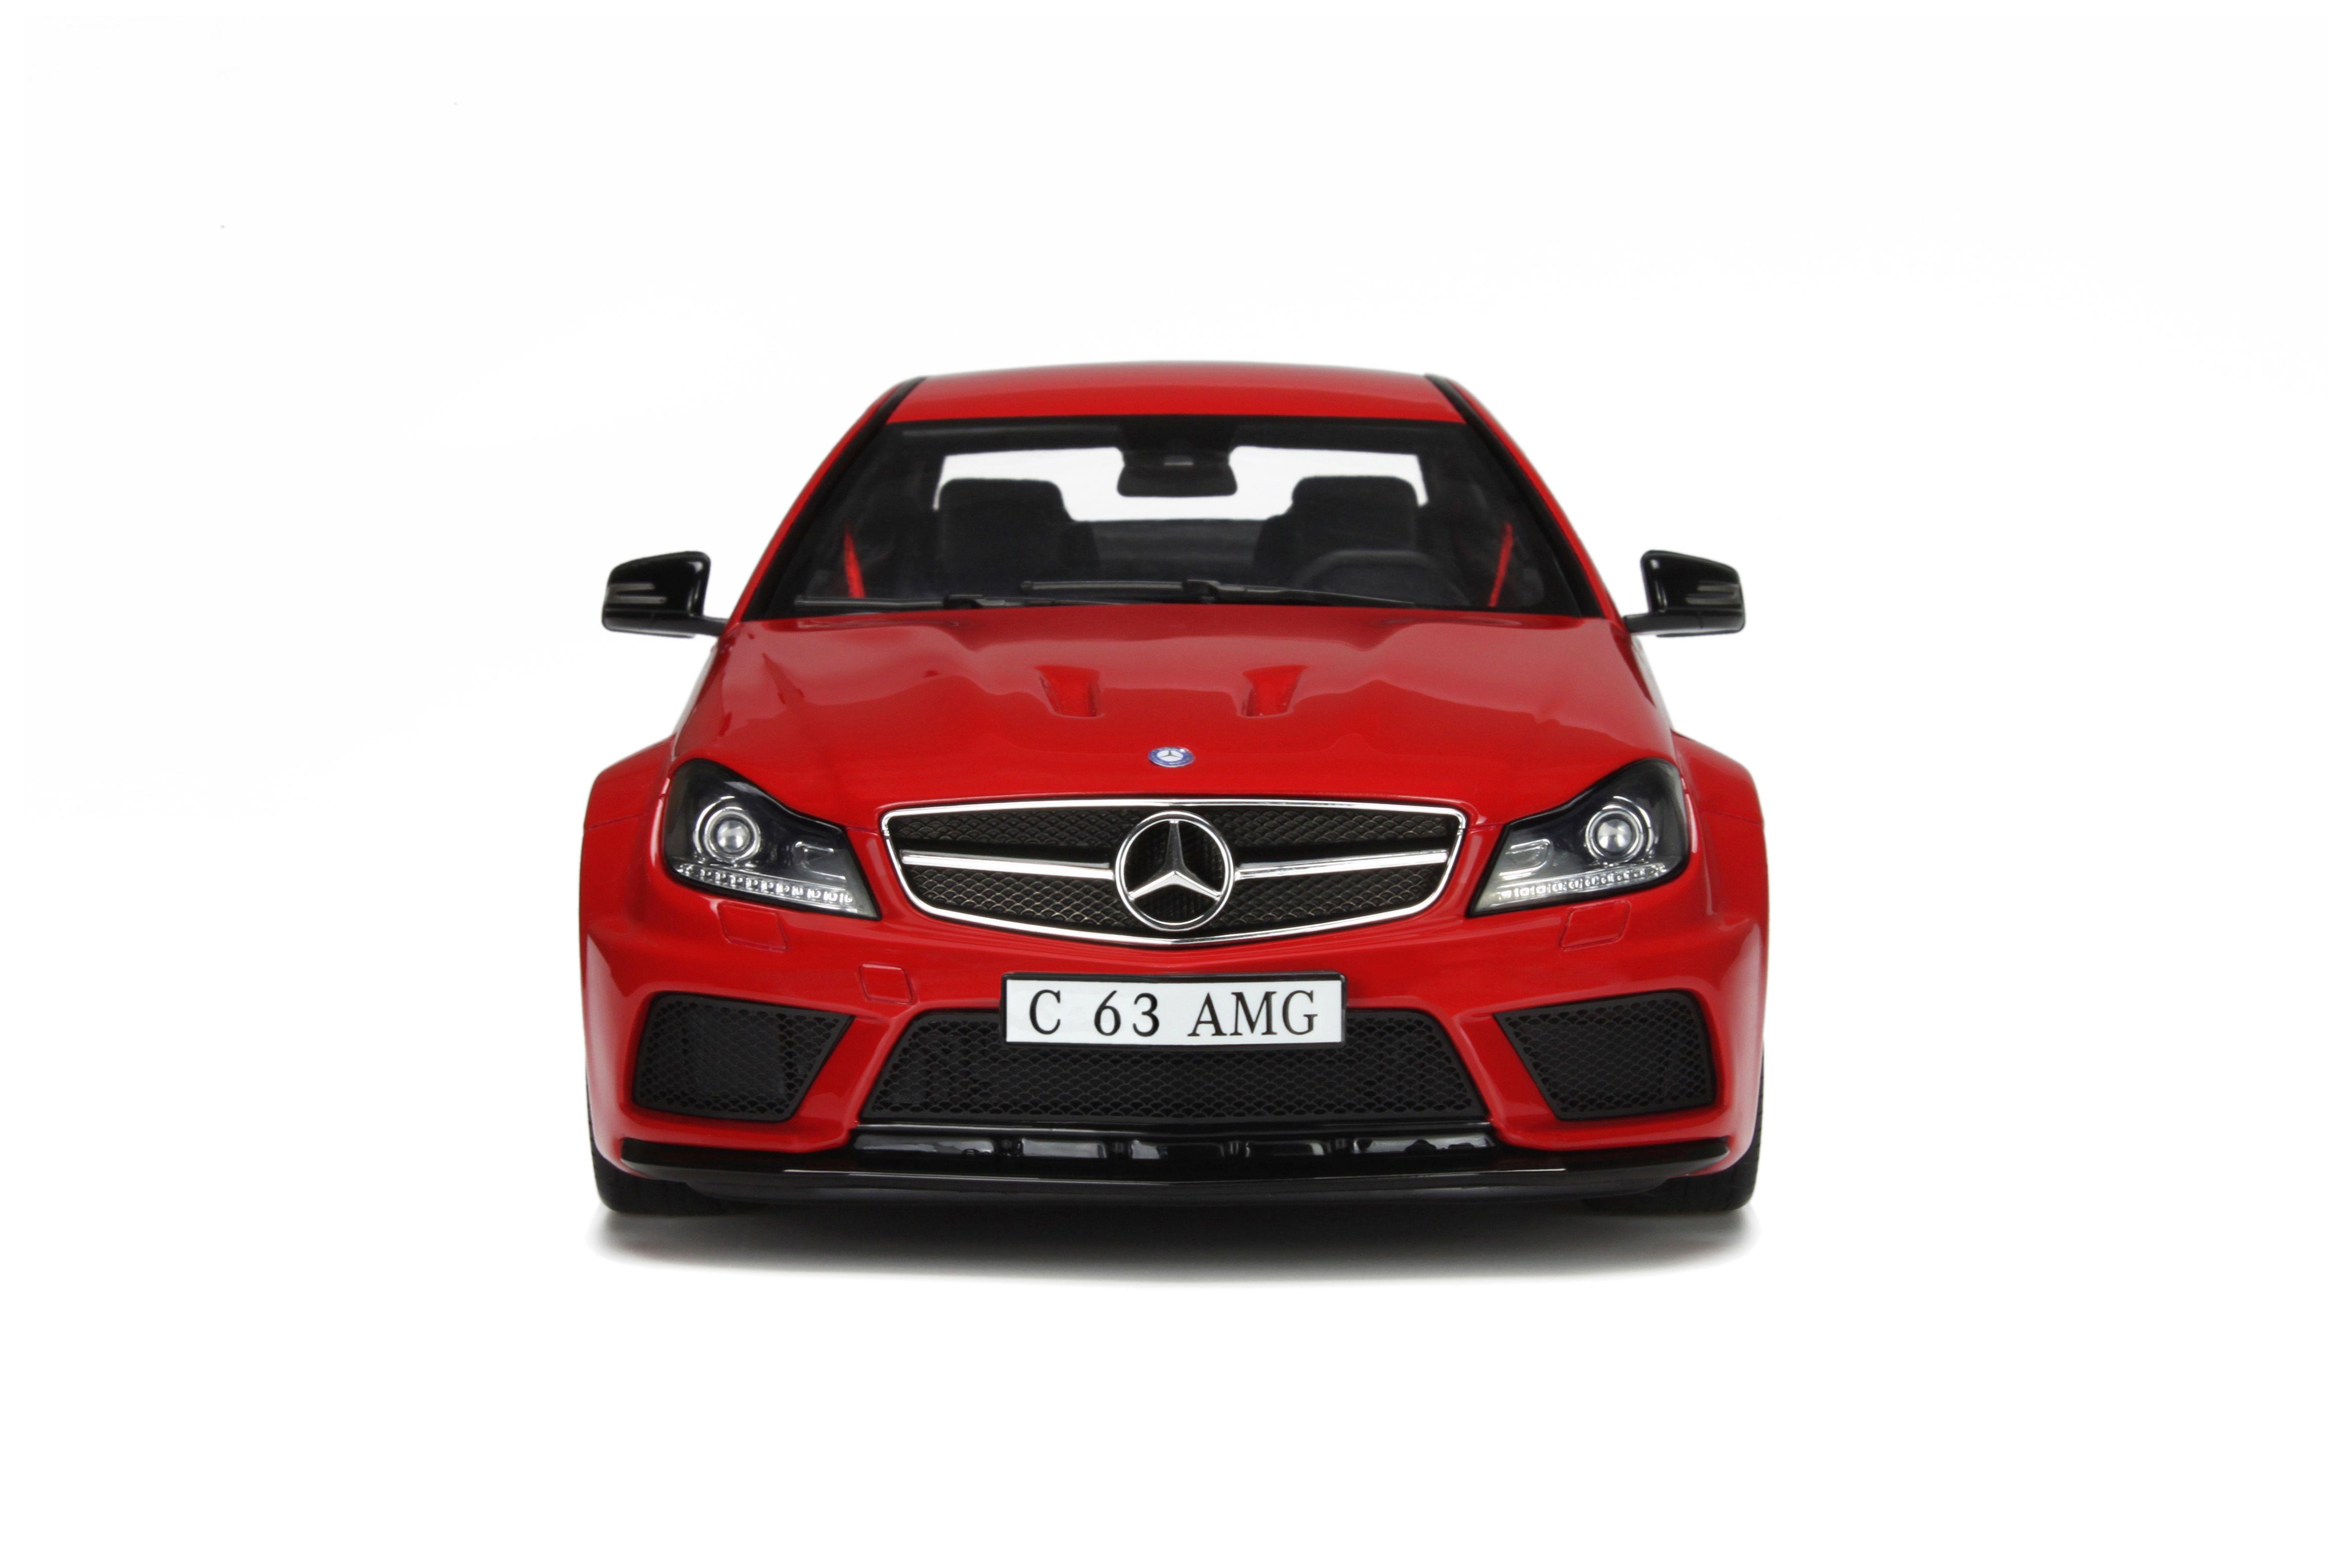 mercedes c204 c63 amg black series red modelcar gt065 gt spirit 1 18 4058124196020 ebay. Black Bedroom Furniture Sets. Home Design Ideas